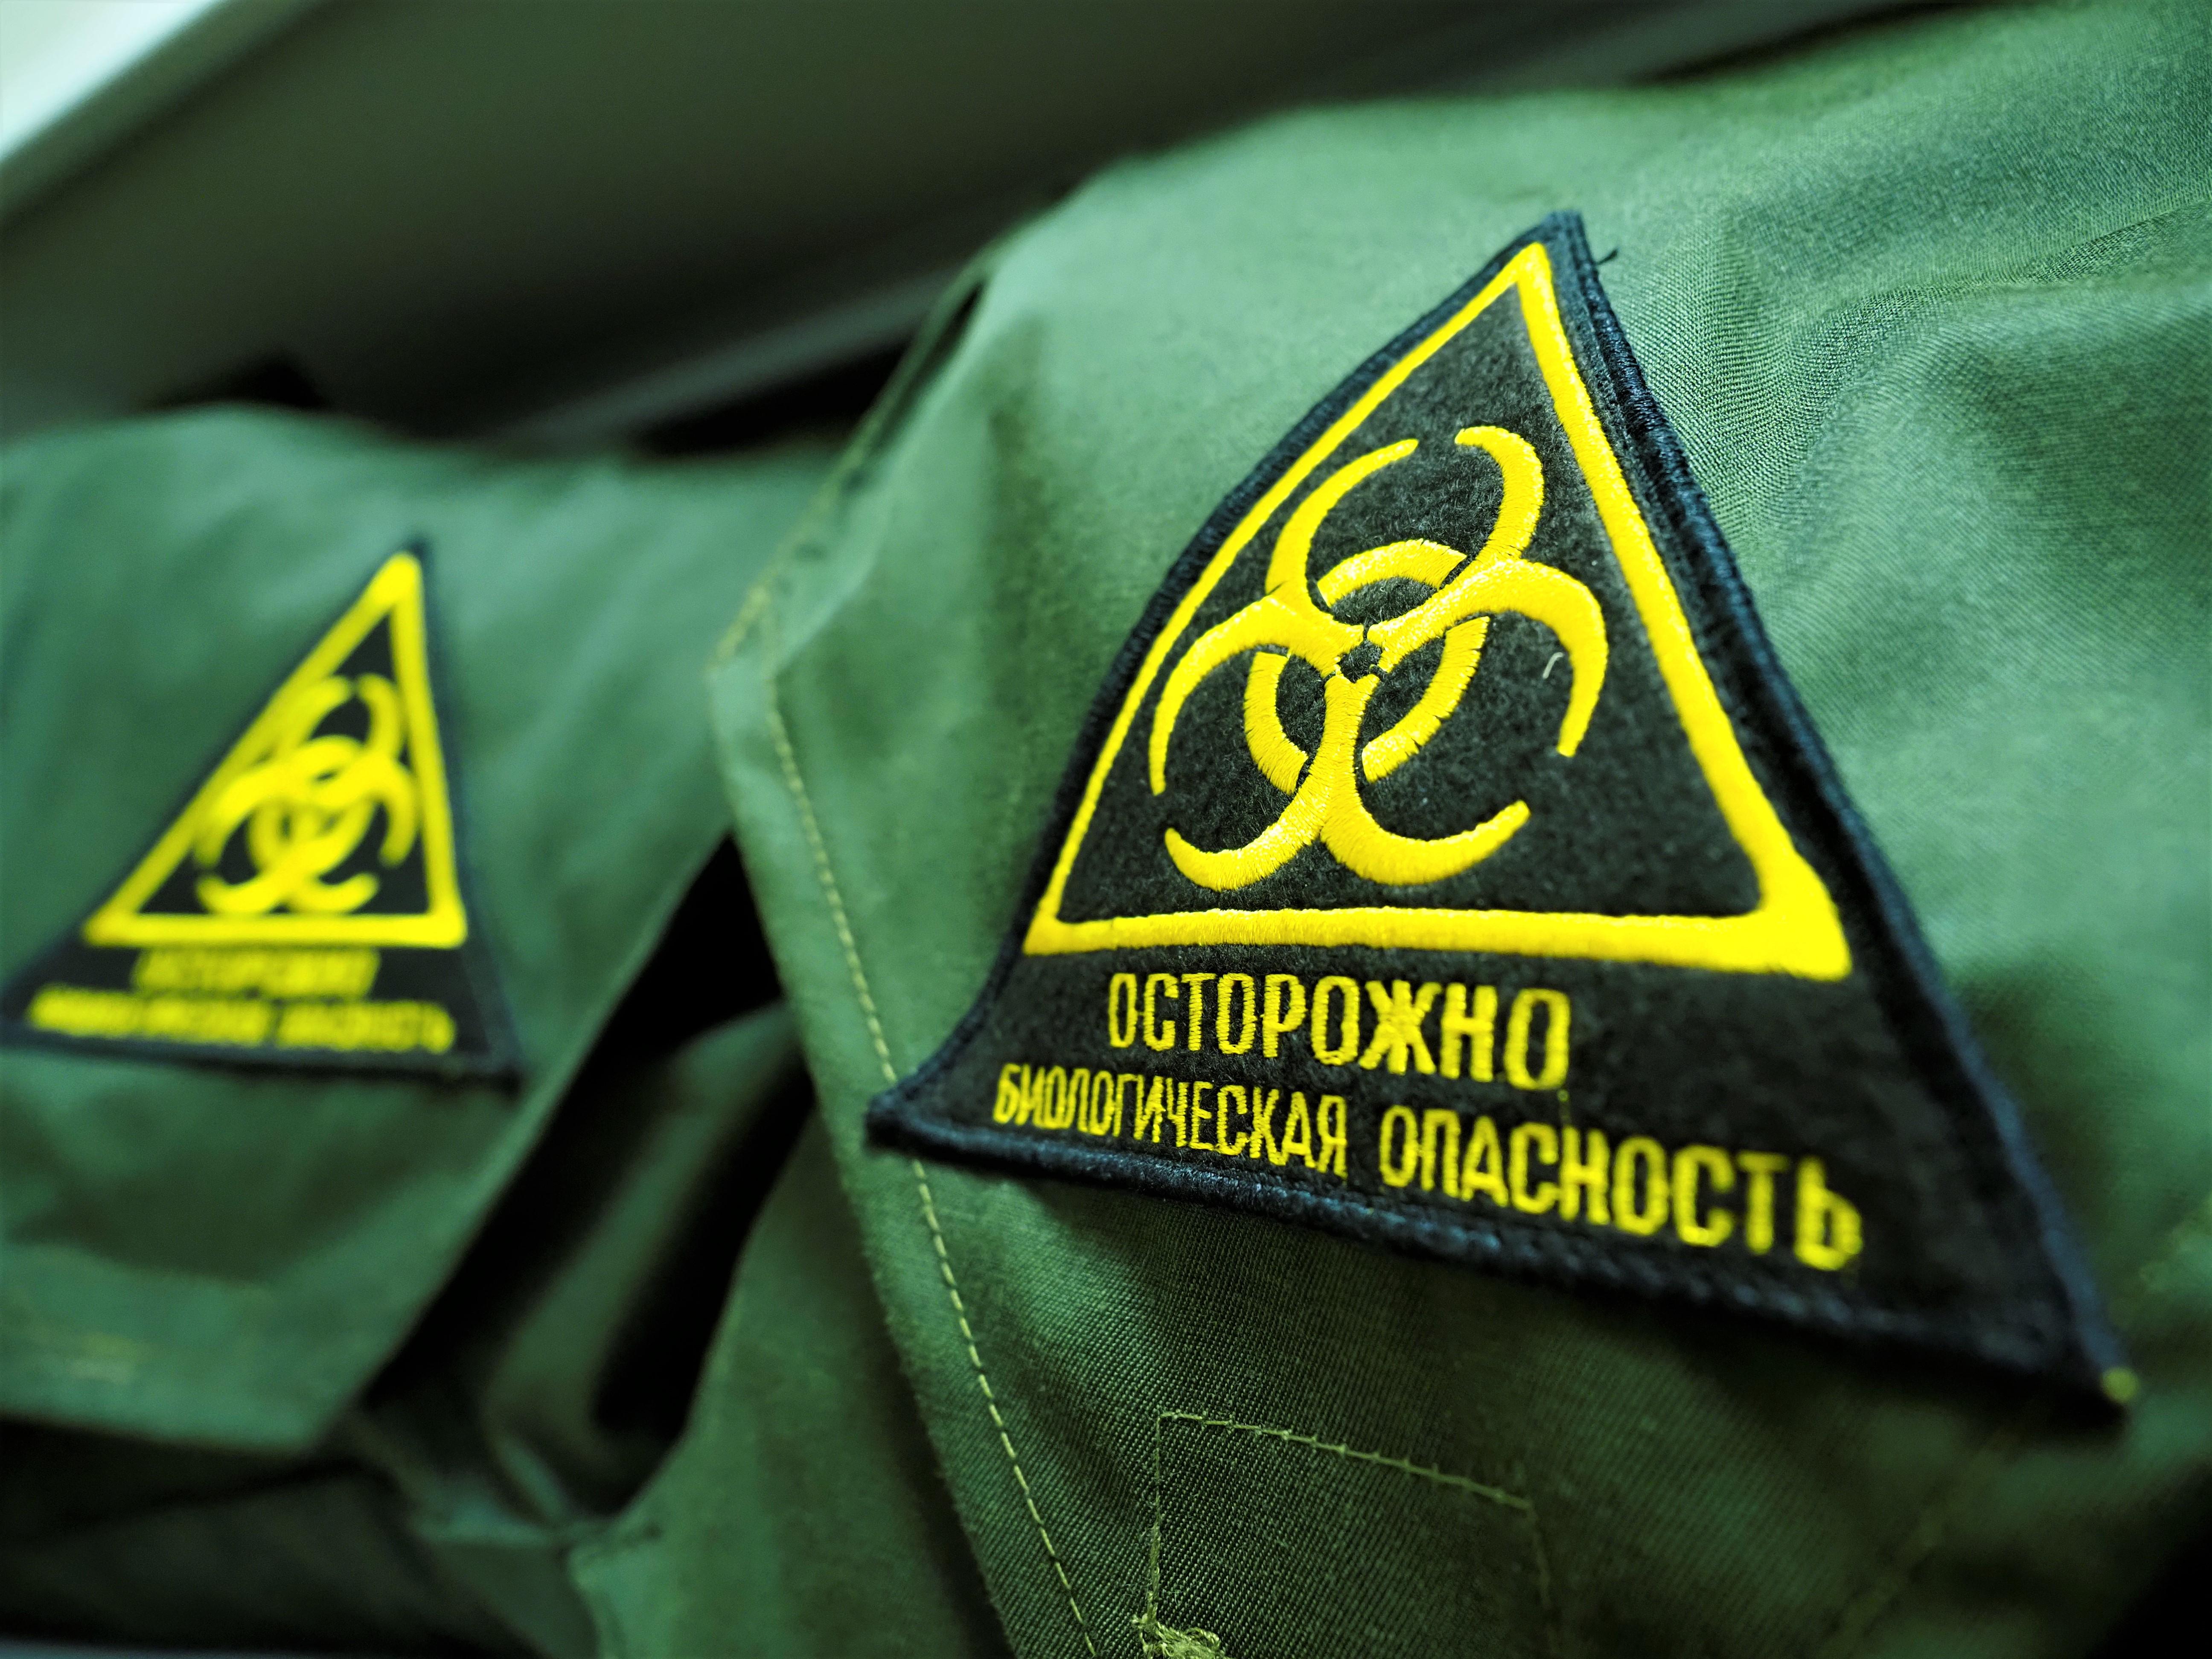 Врачи Москвы нашли 750 зараженных COVID-19 за сутки